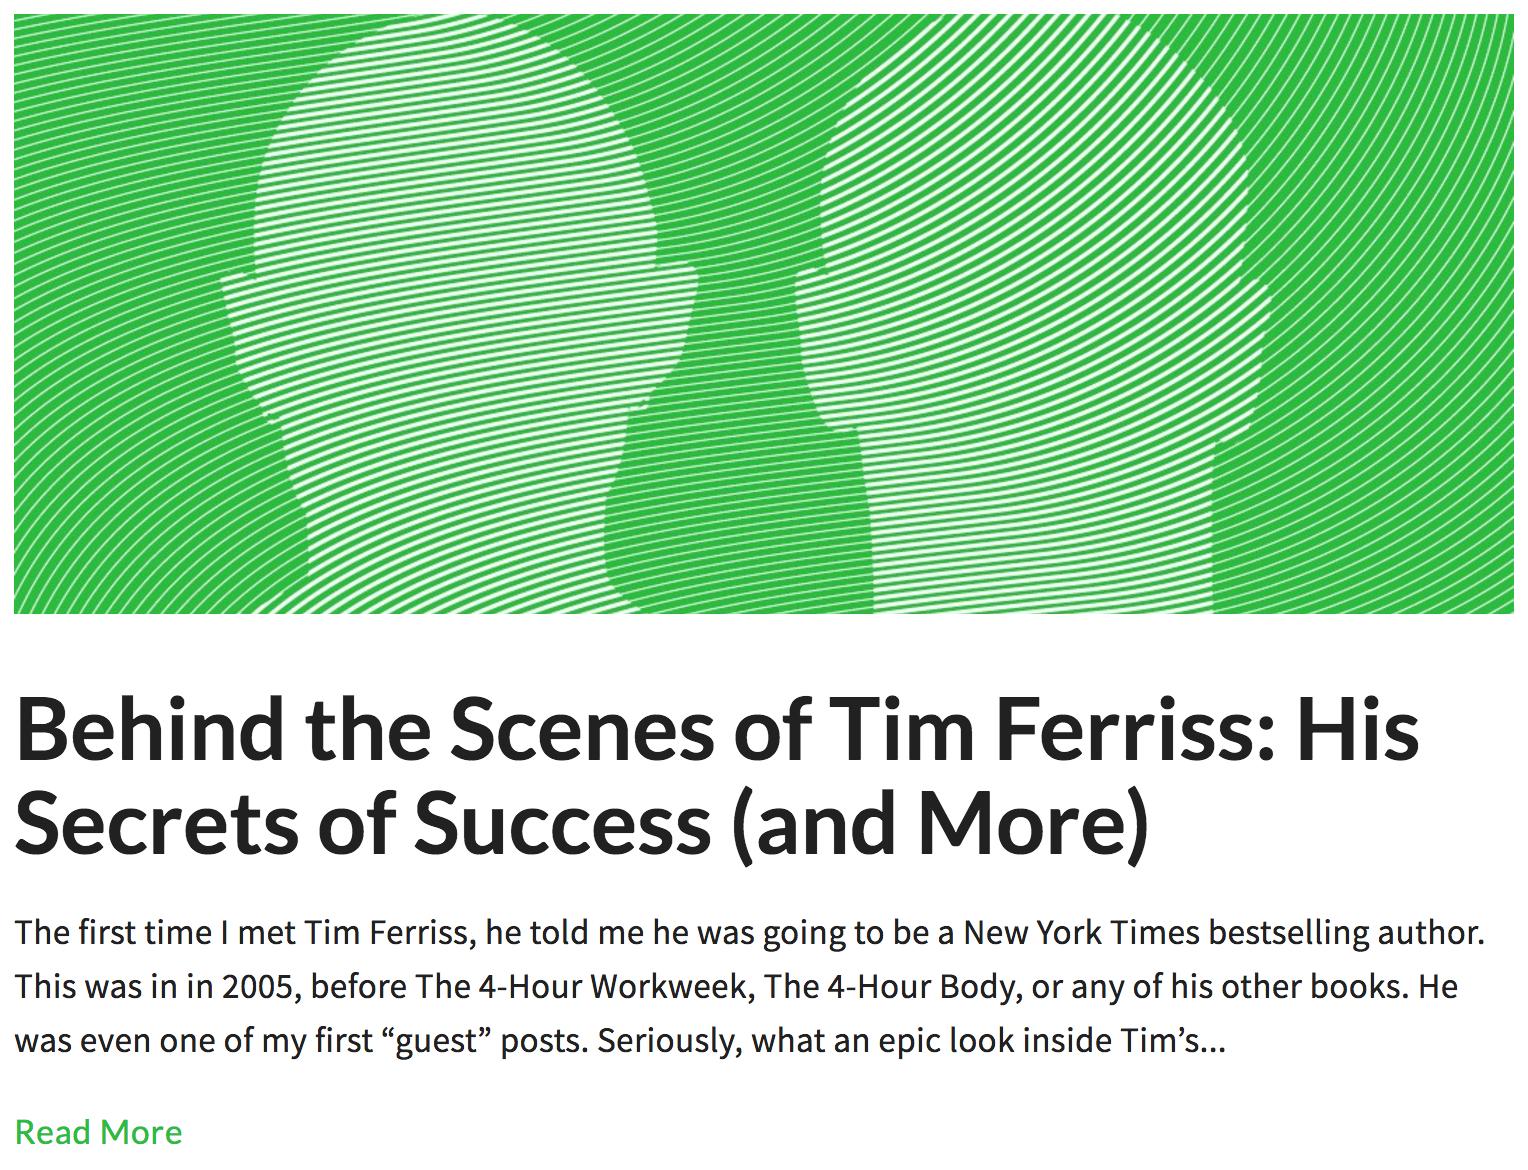 Screenshot showing an article